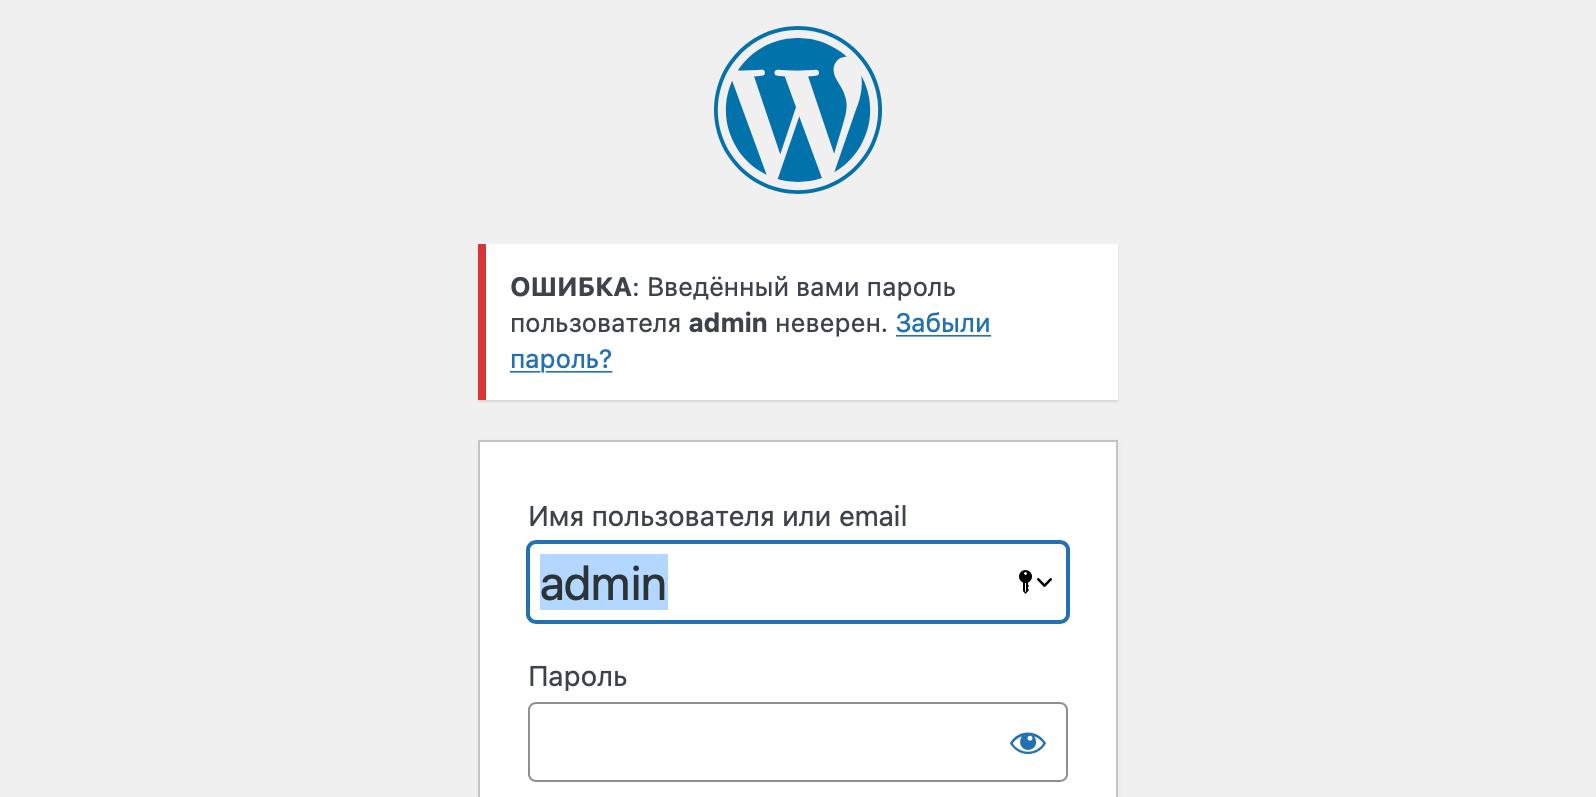 Введённый вами пароль пользователя admin неверен.